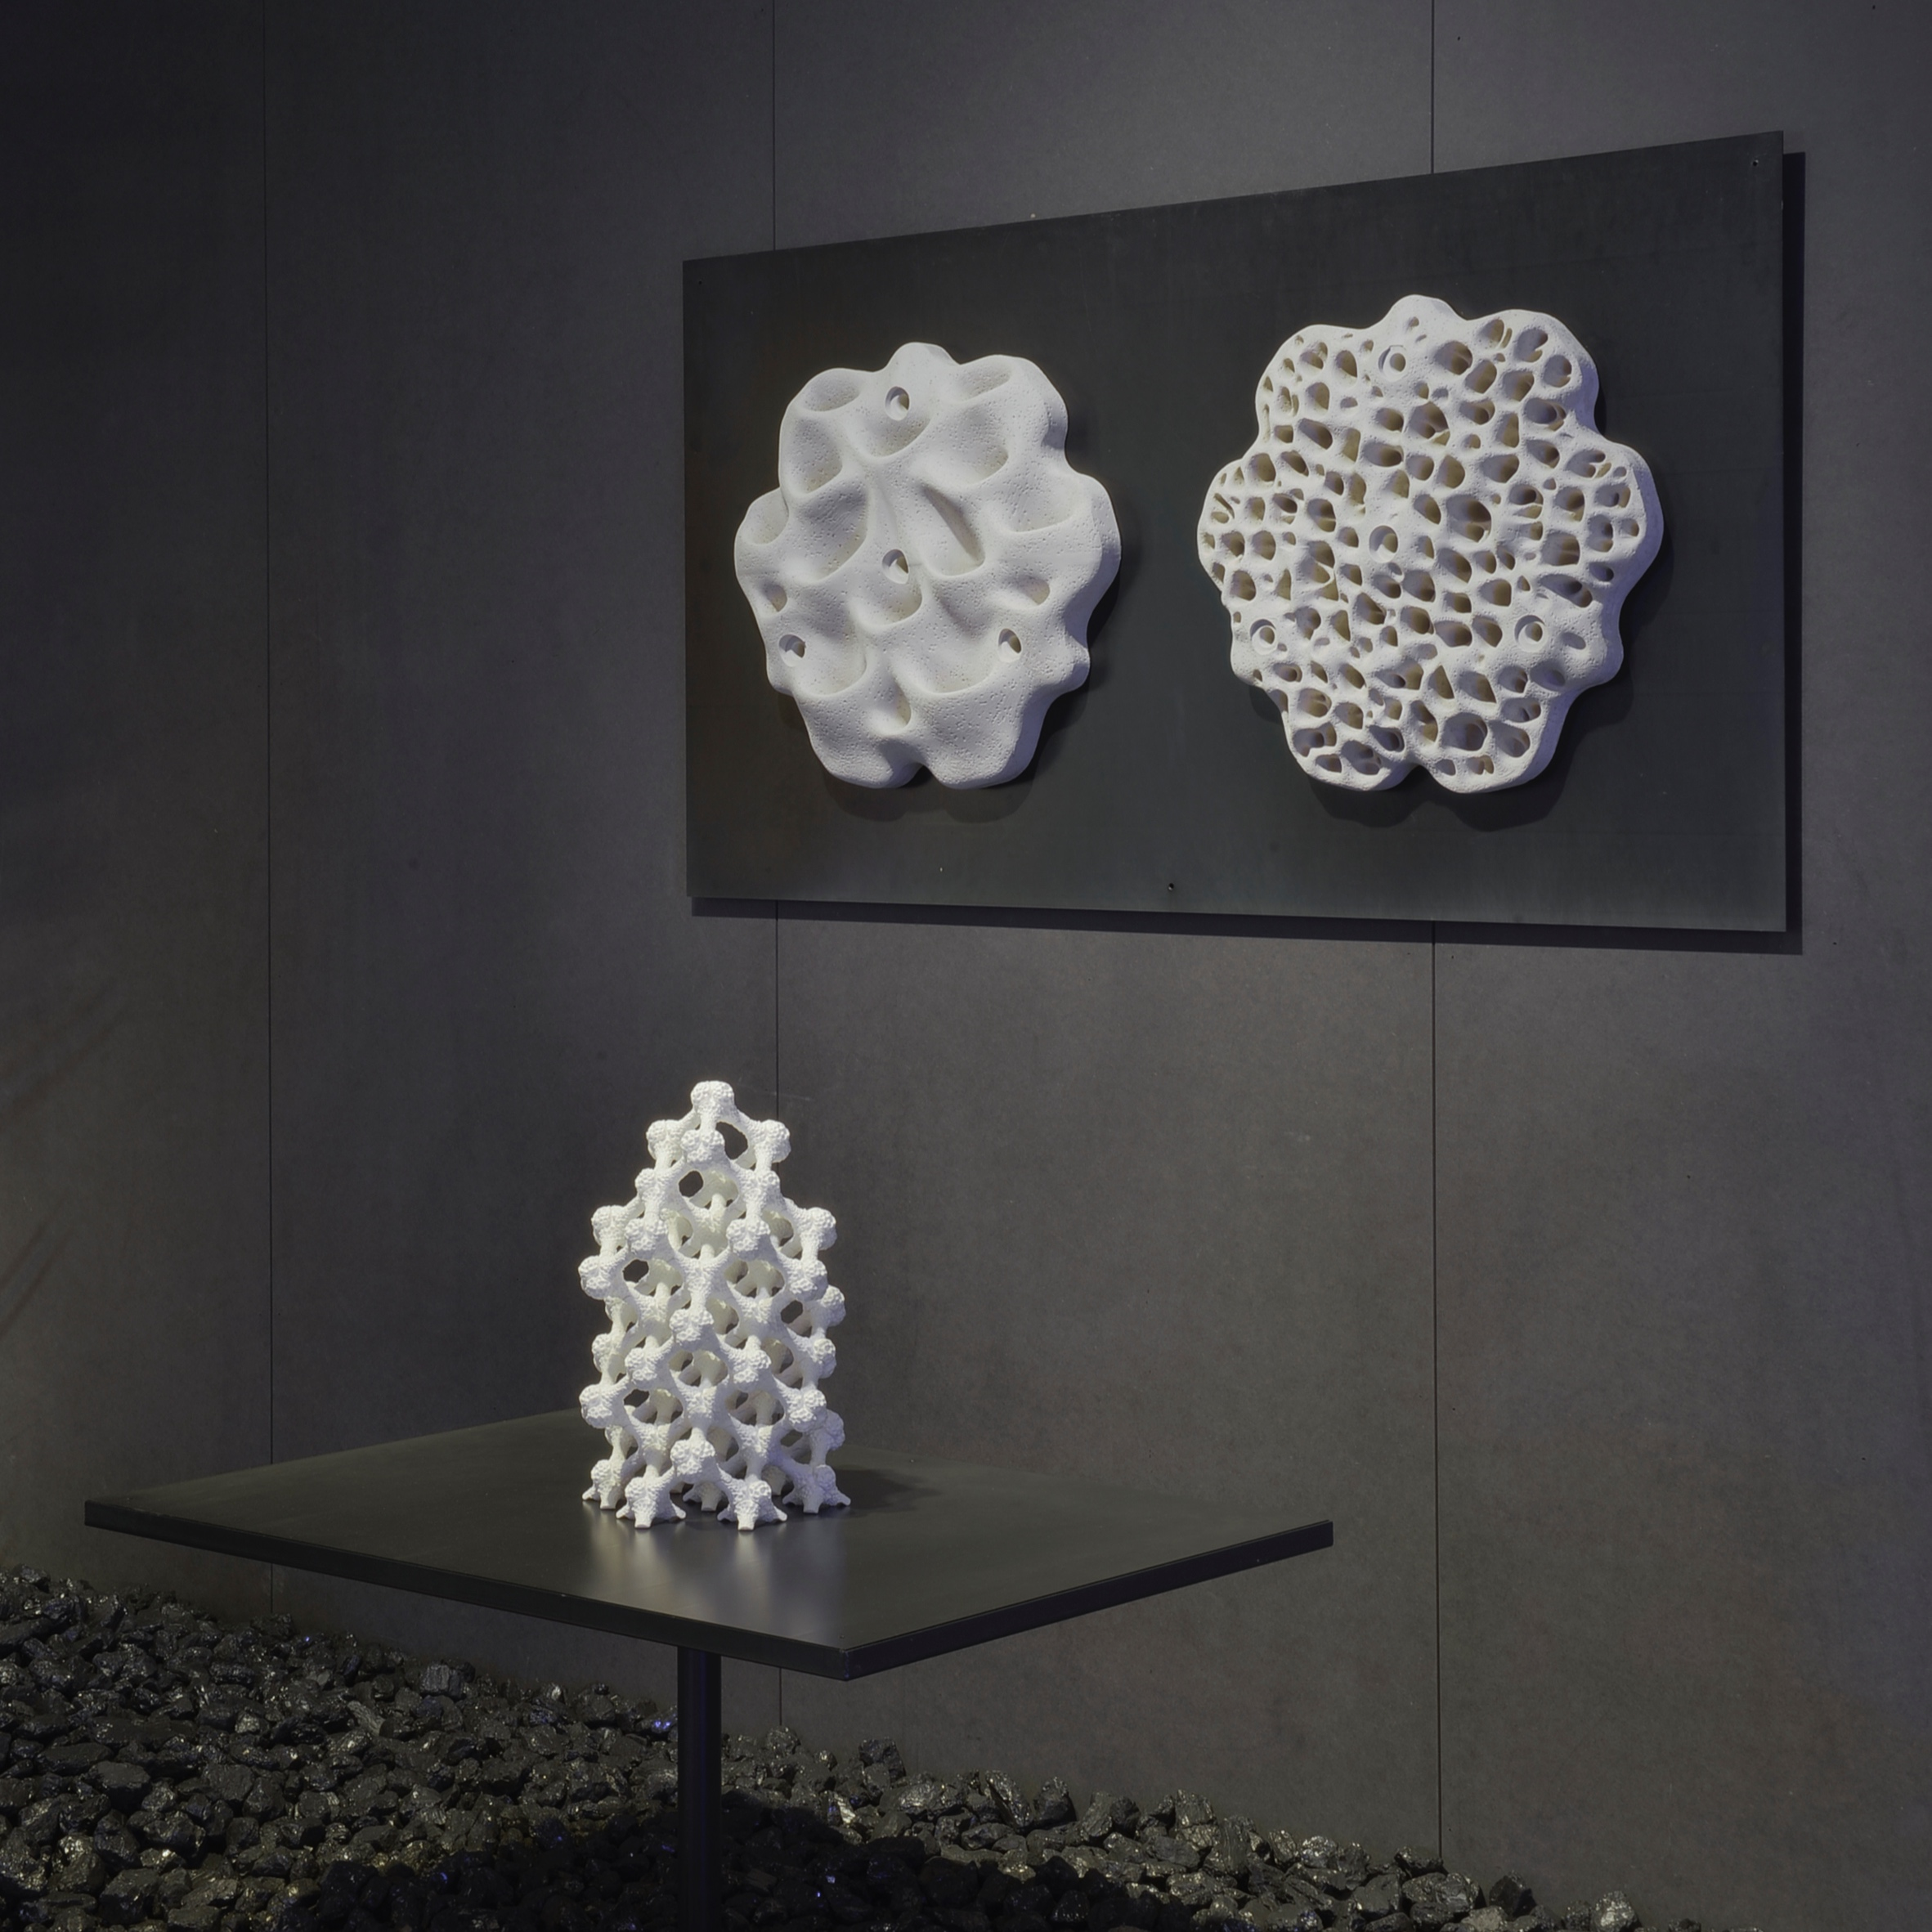 MARS%2BHabitat+Panels+at+Cube+Museum+.jpg